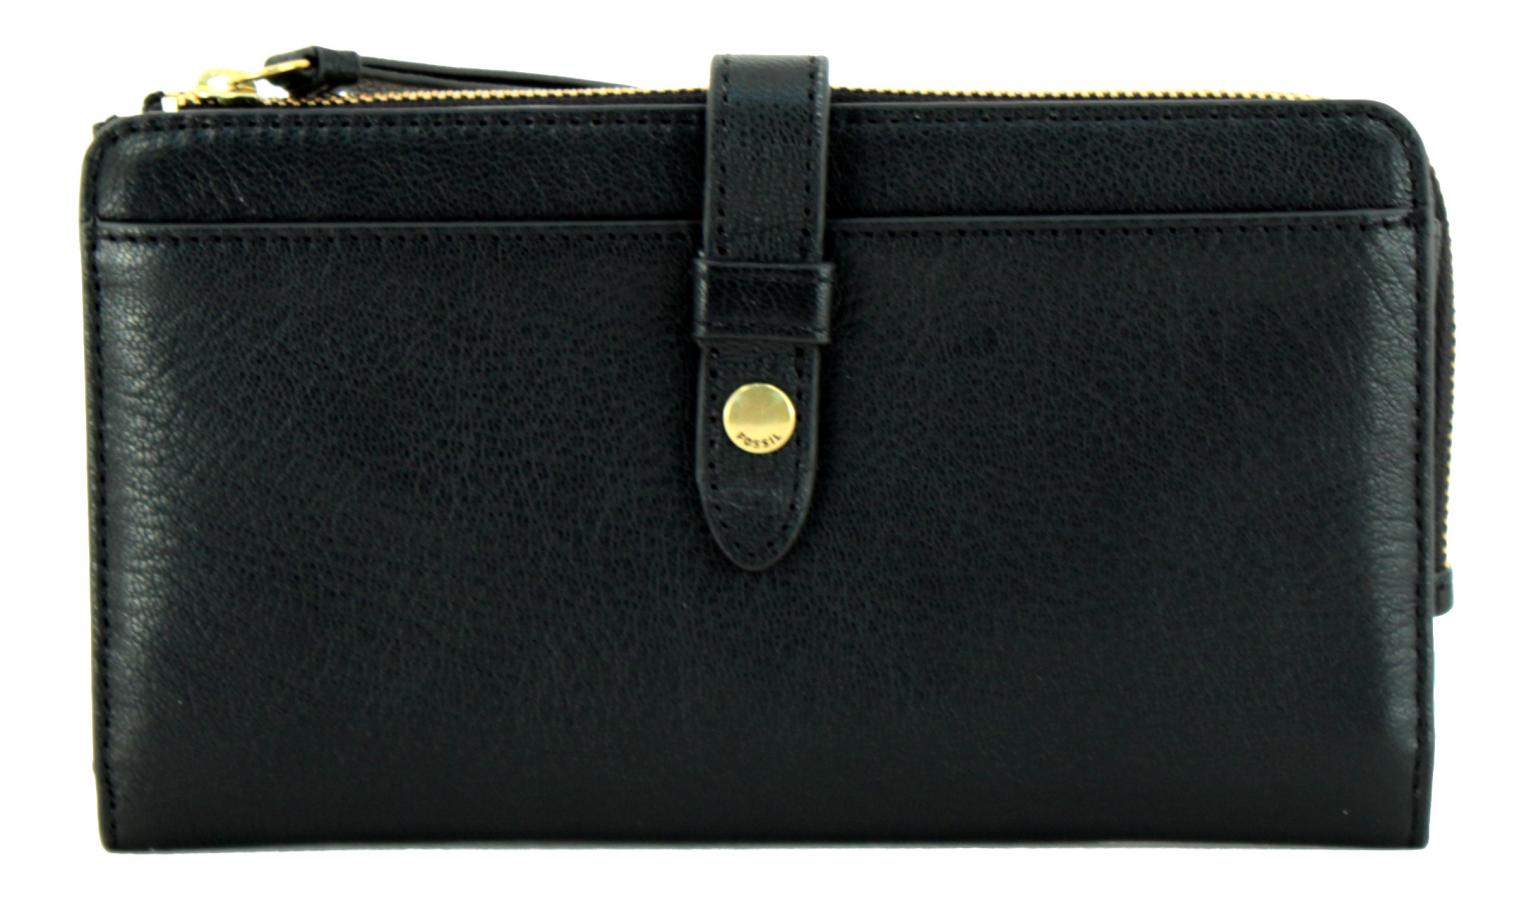 Preis vergleichen Bestbewertete Mode beste Wahl Fossil Portmonee Geldbörse Fiona Clutch Leder schwarz